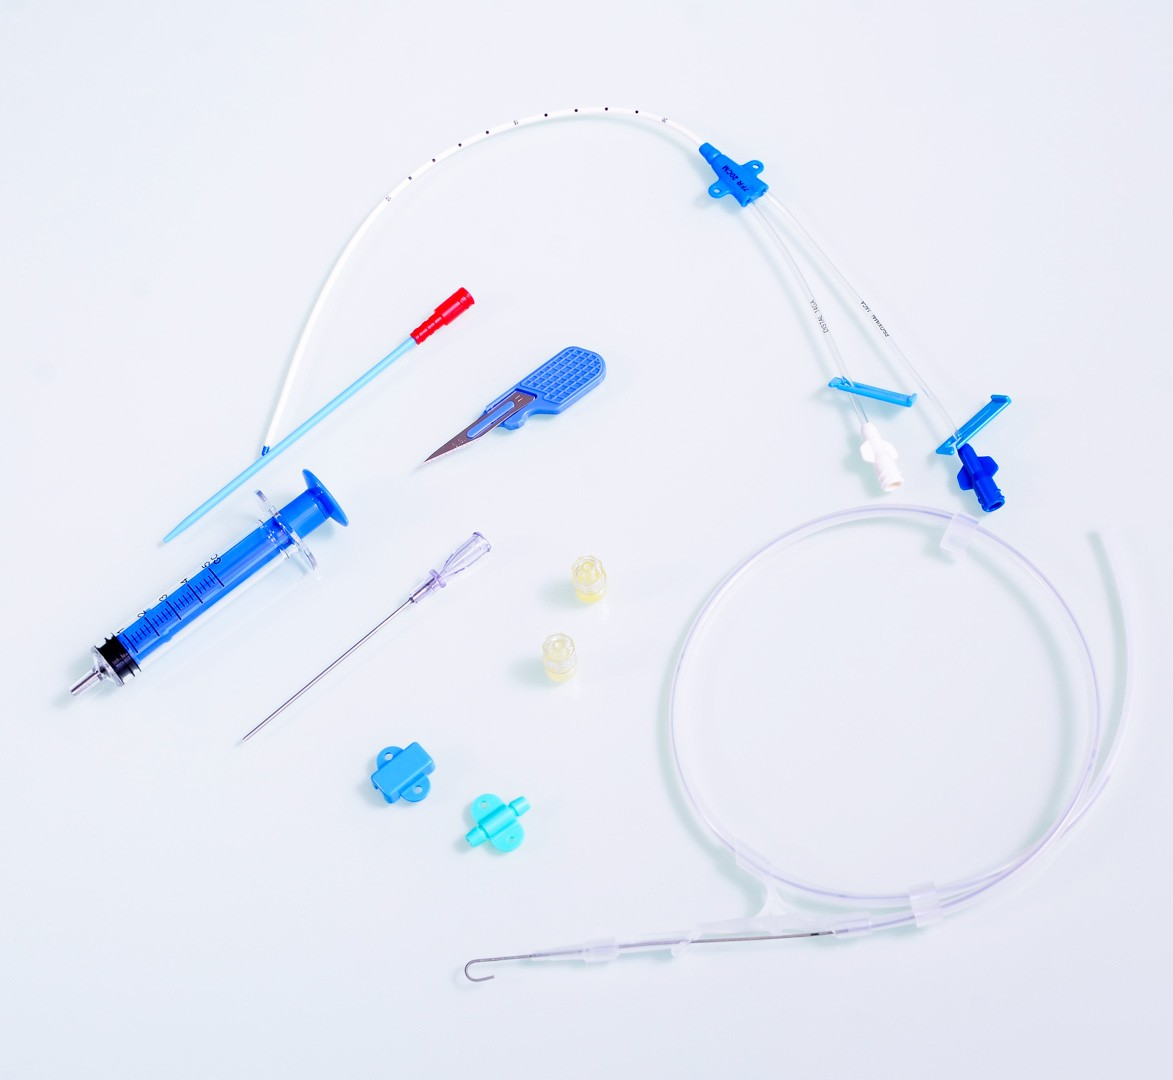 KIT Cateter Venoso Central Duplo Lúmen 7FrX20cm Nitinol CVC Biomed [Caixa com 10]